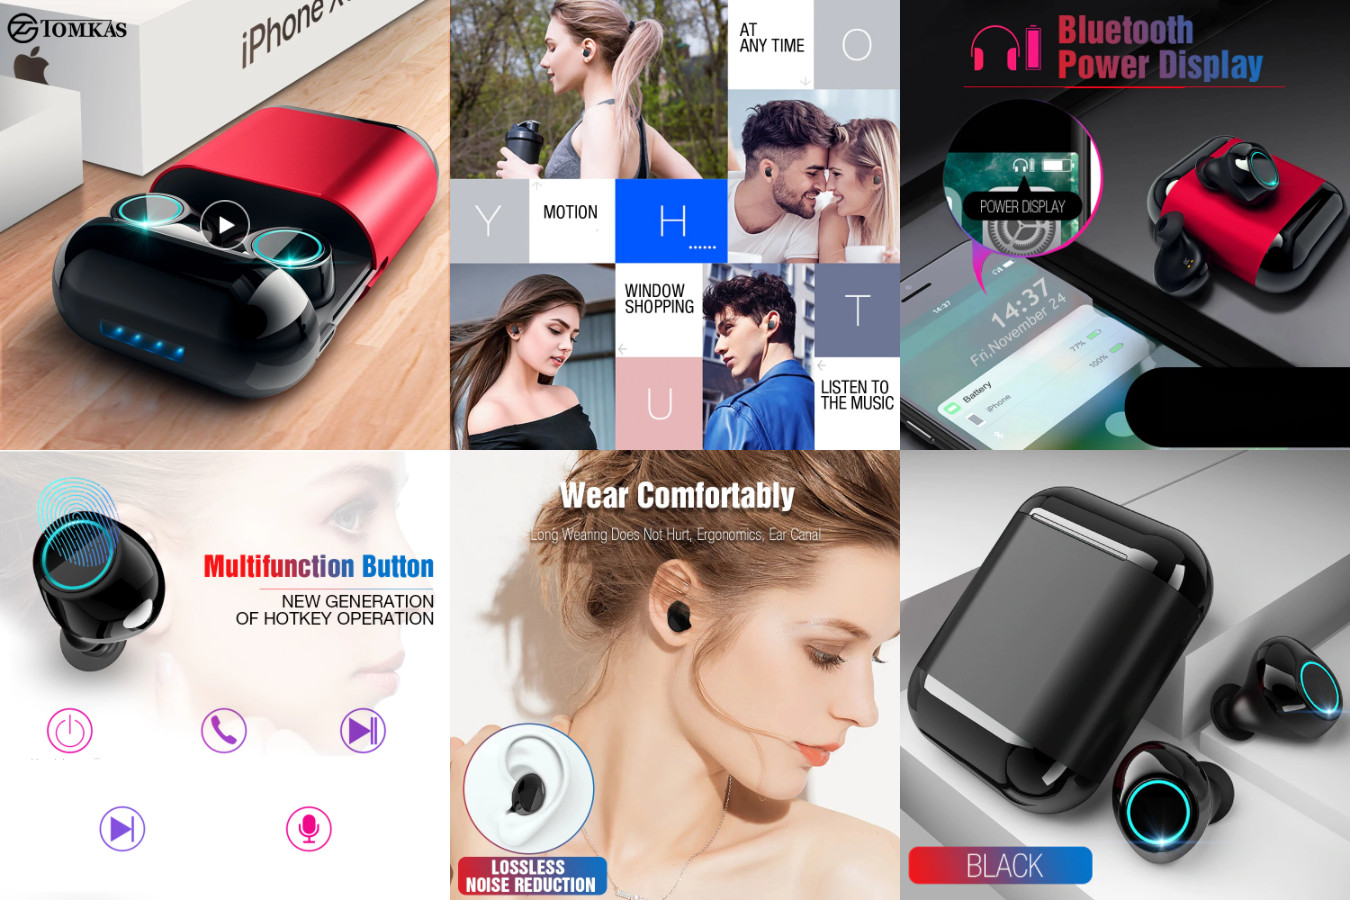 Гаджет для тренировок — Tomkas Bluetooth Headphones